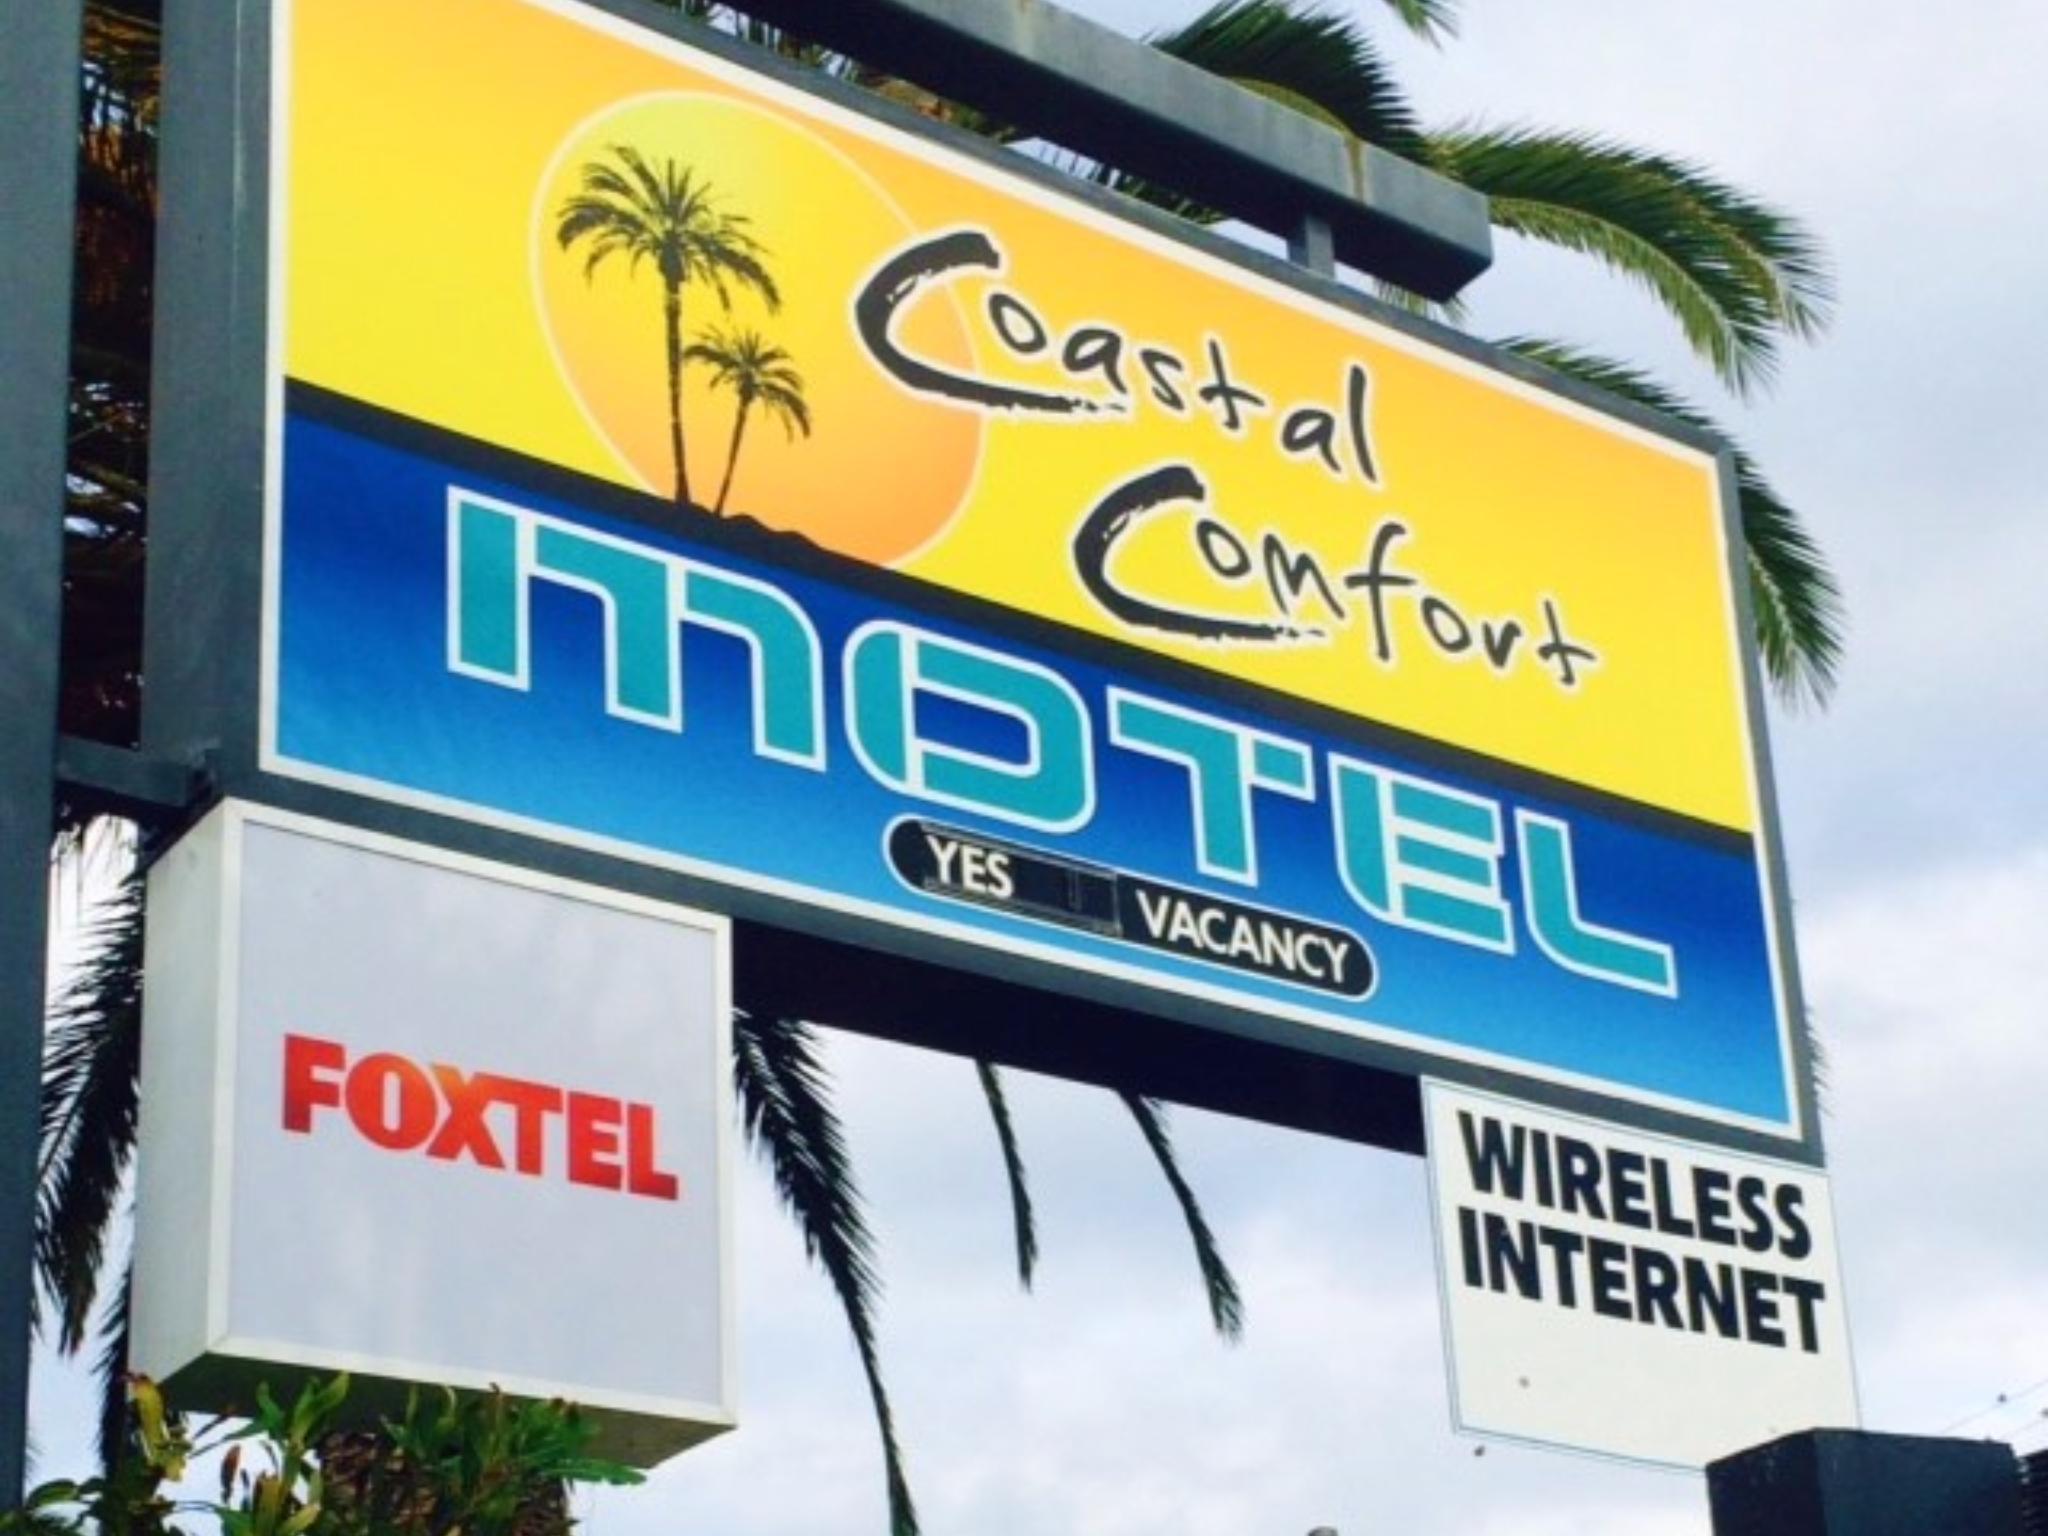 Coastal Comfort Motel